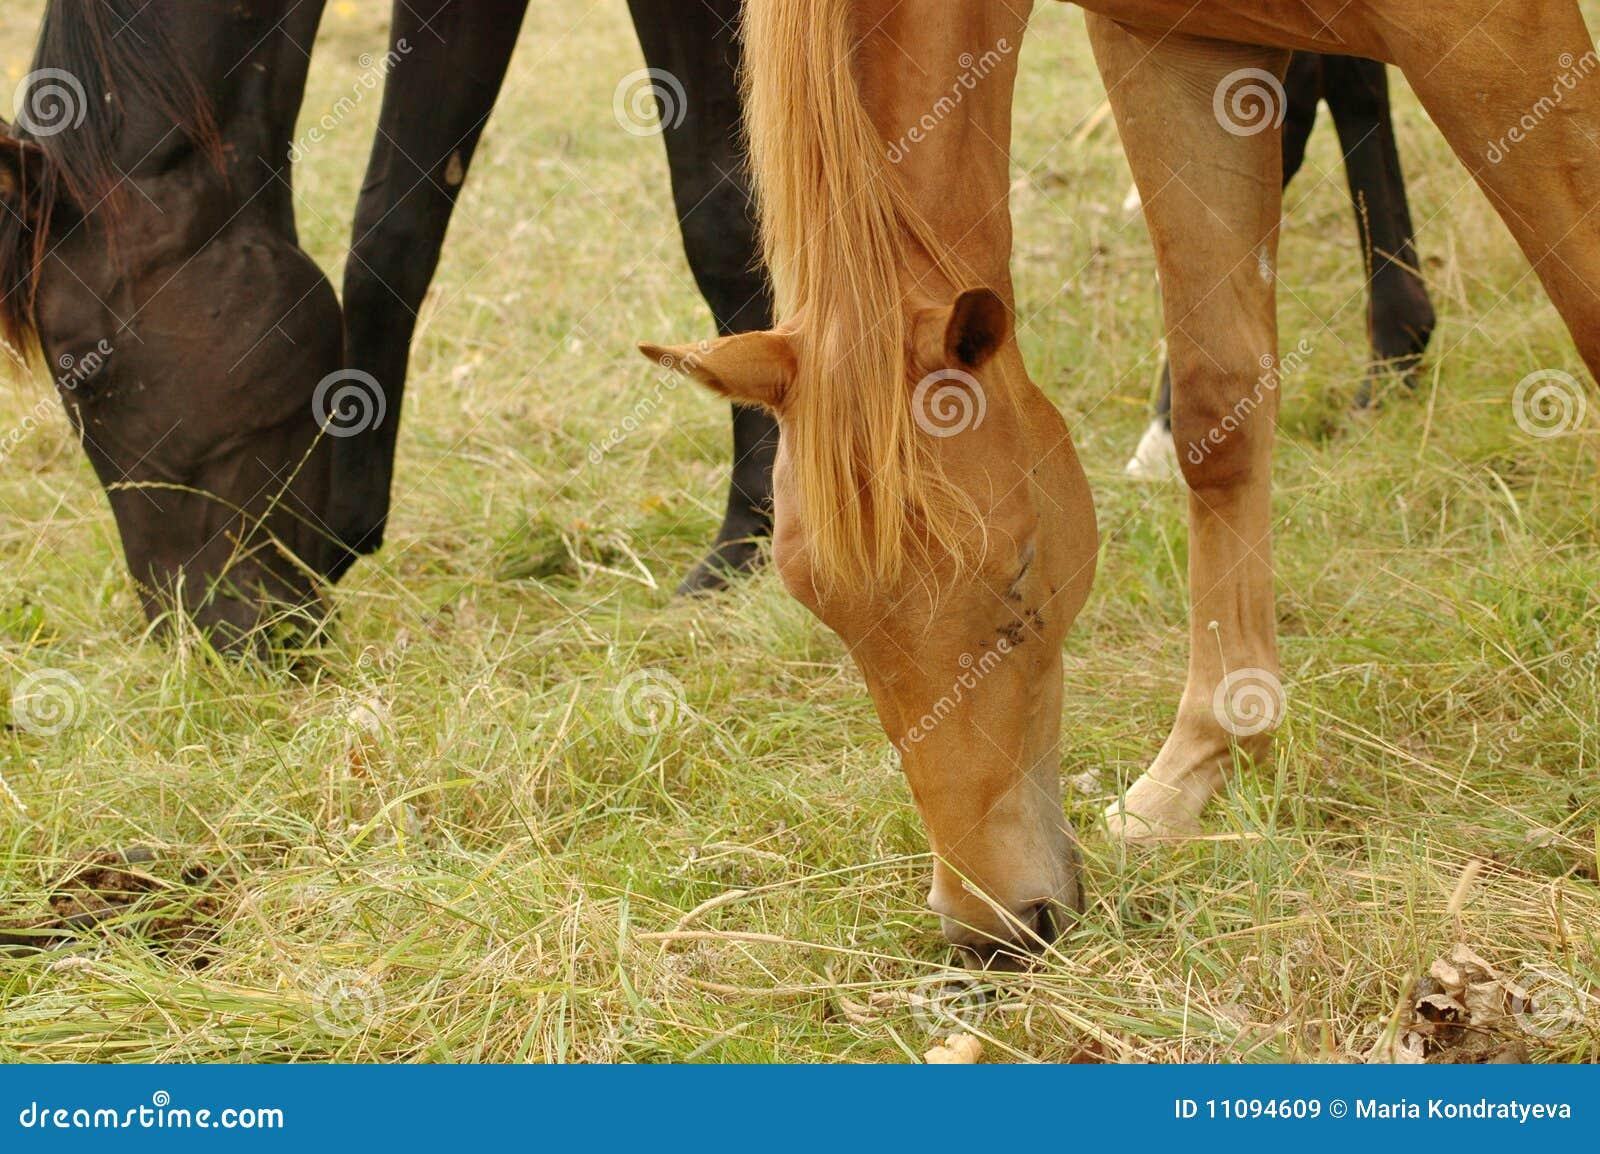 incomodidad del caballo fotos fotos